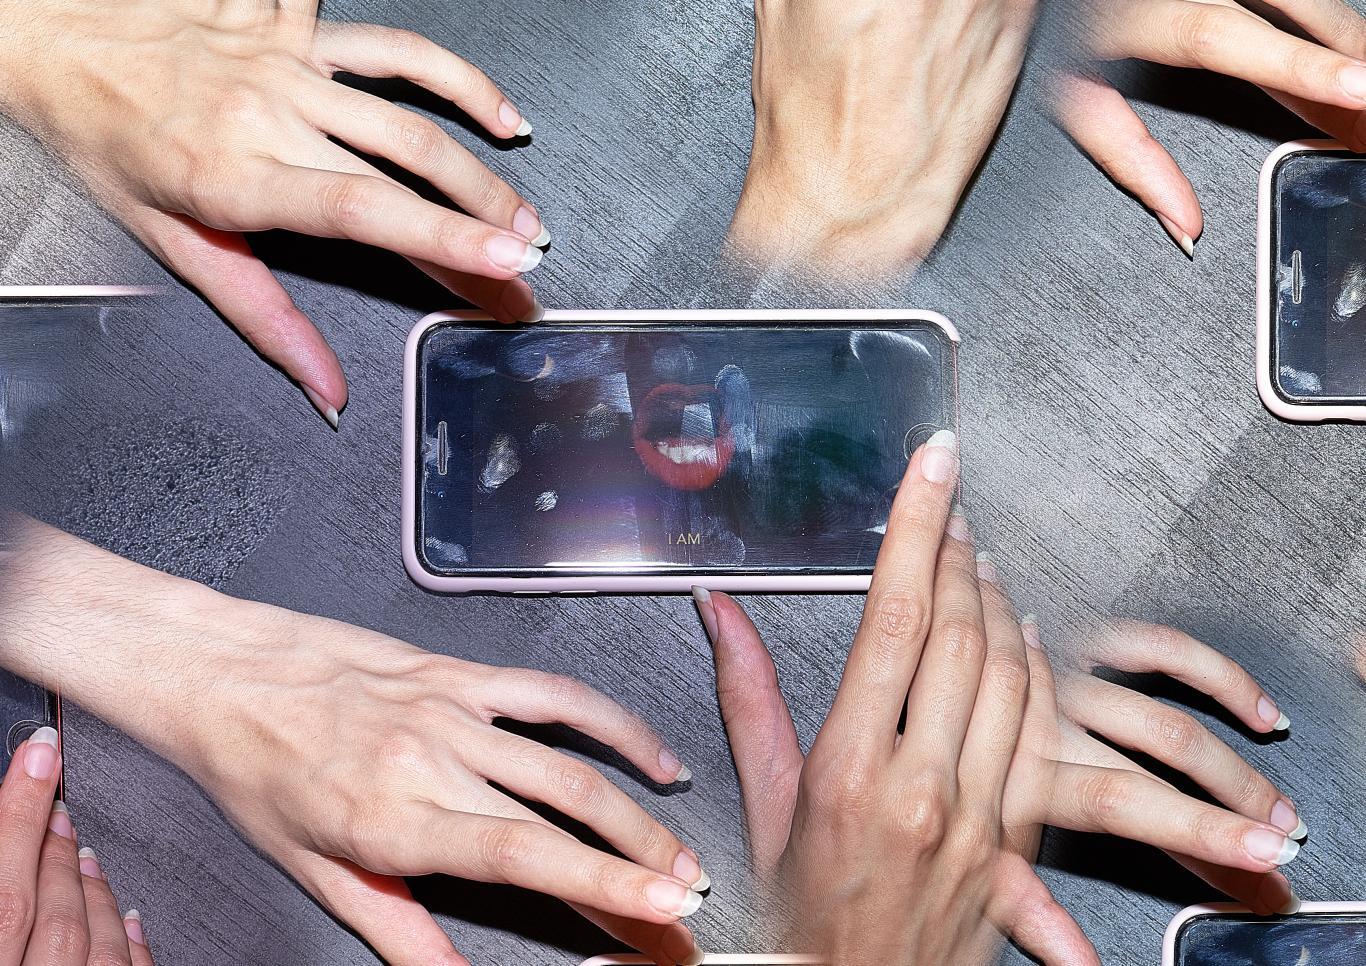 Varias manos en círculo cogiendo móviles